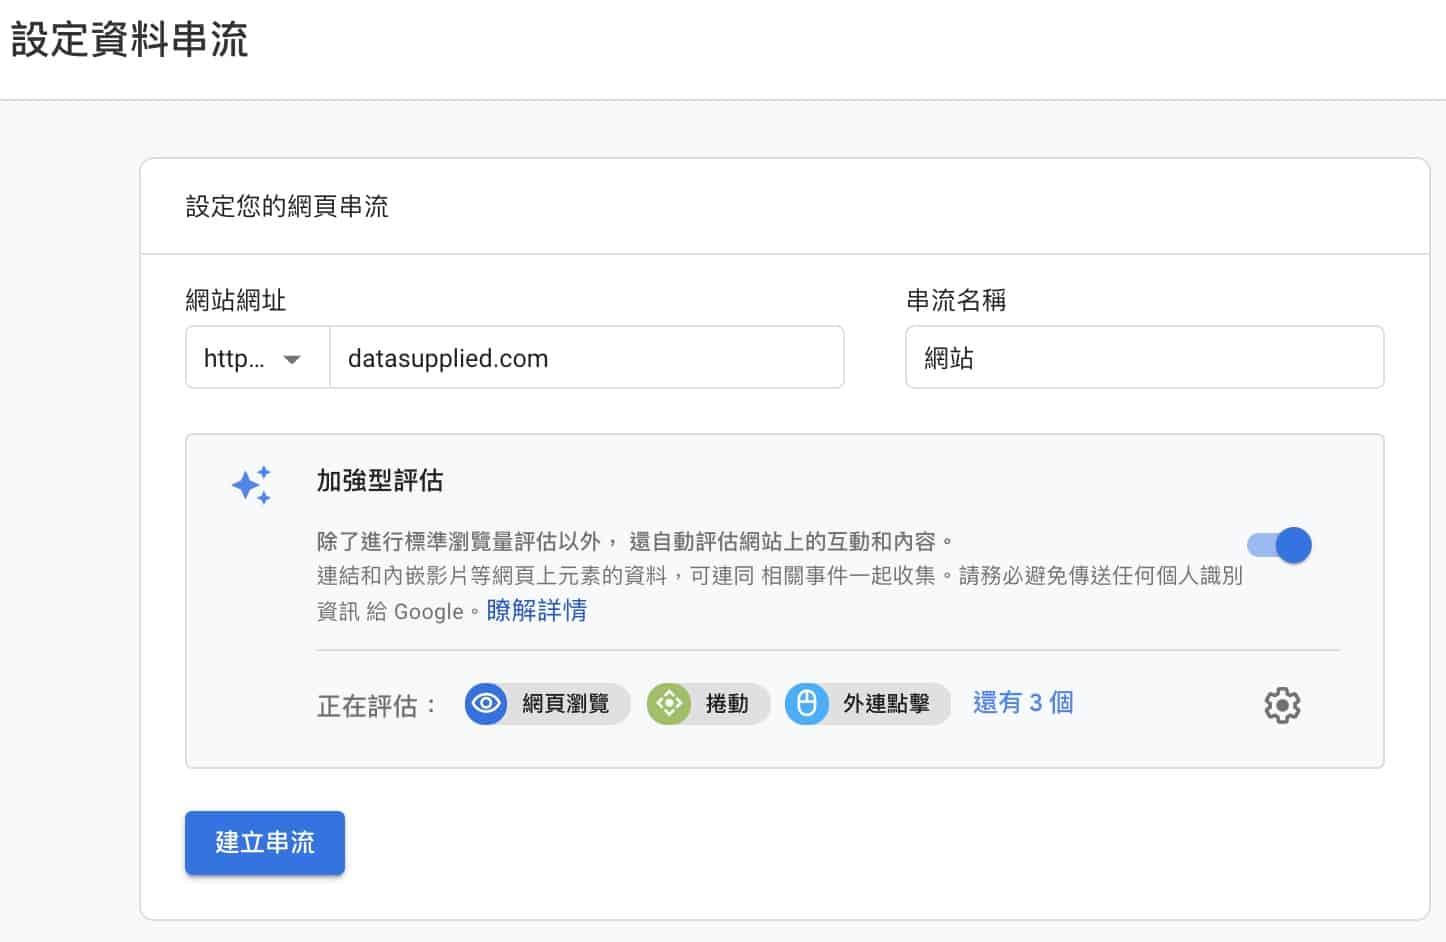 安裝 網站 資料串流 GA4